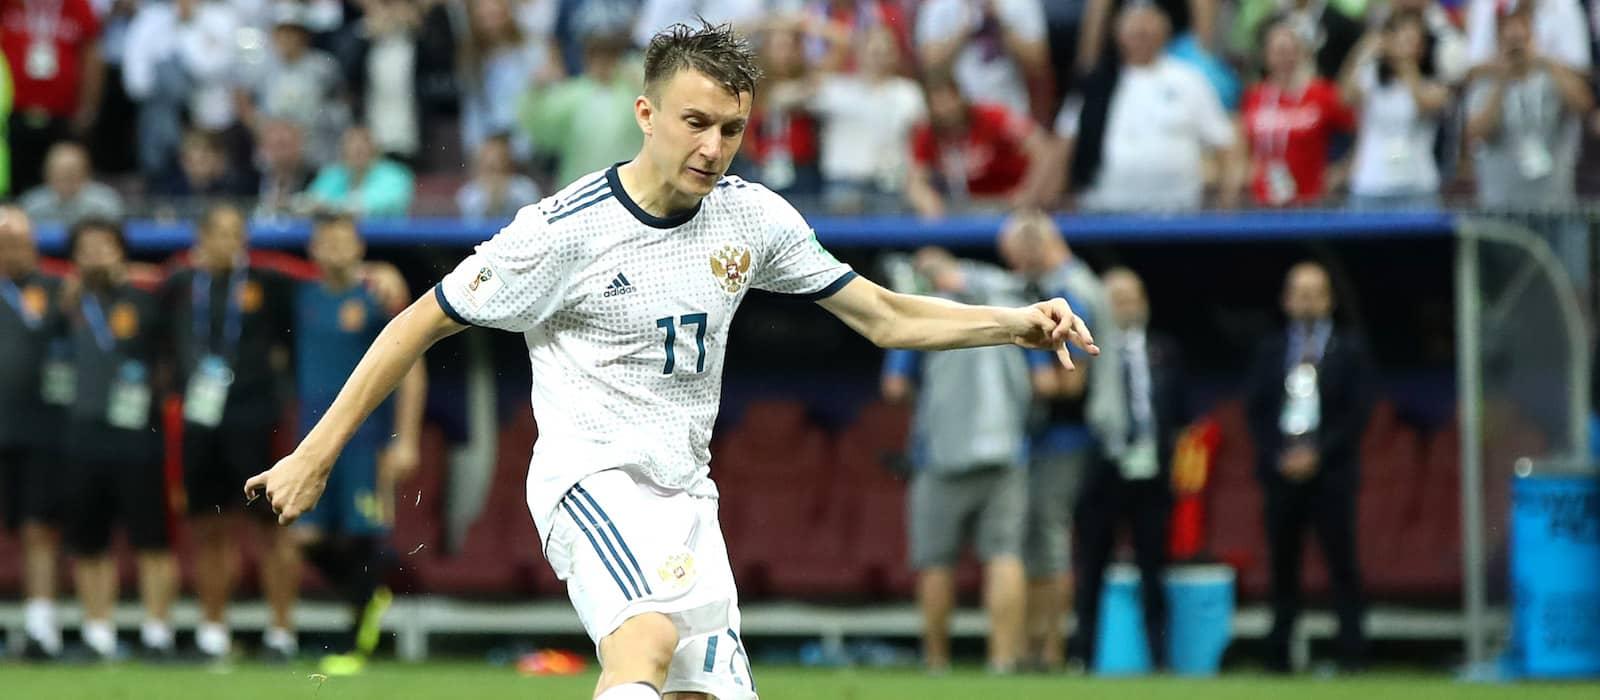 Jose Mourinho: Everything Aleksandr Golovin does is correct